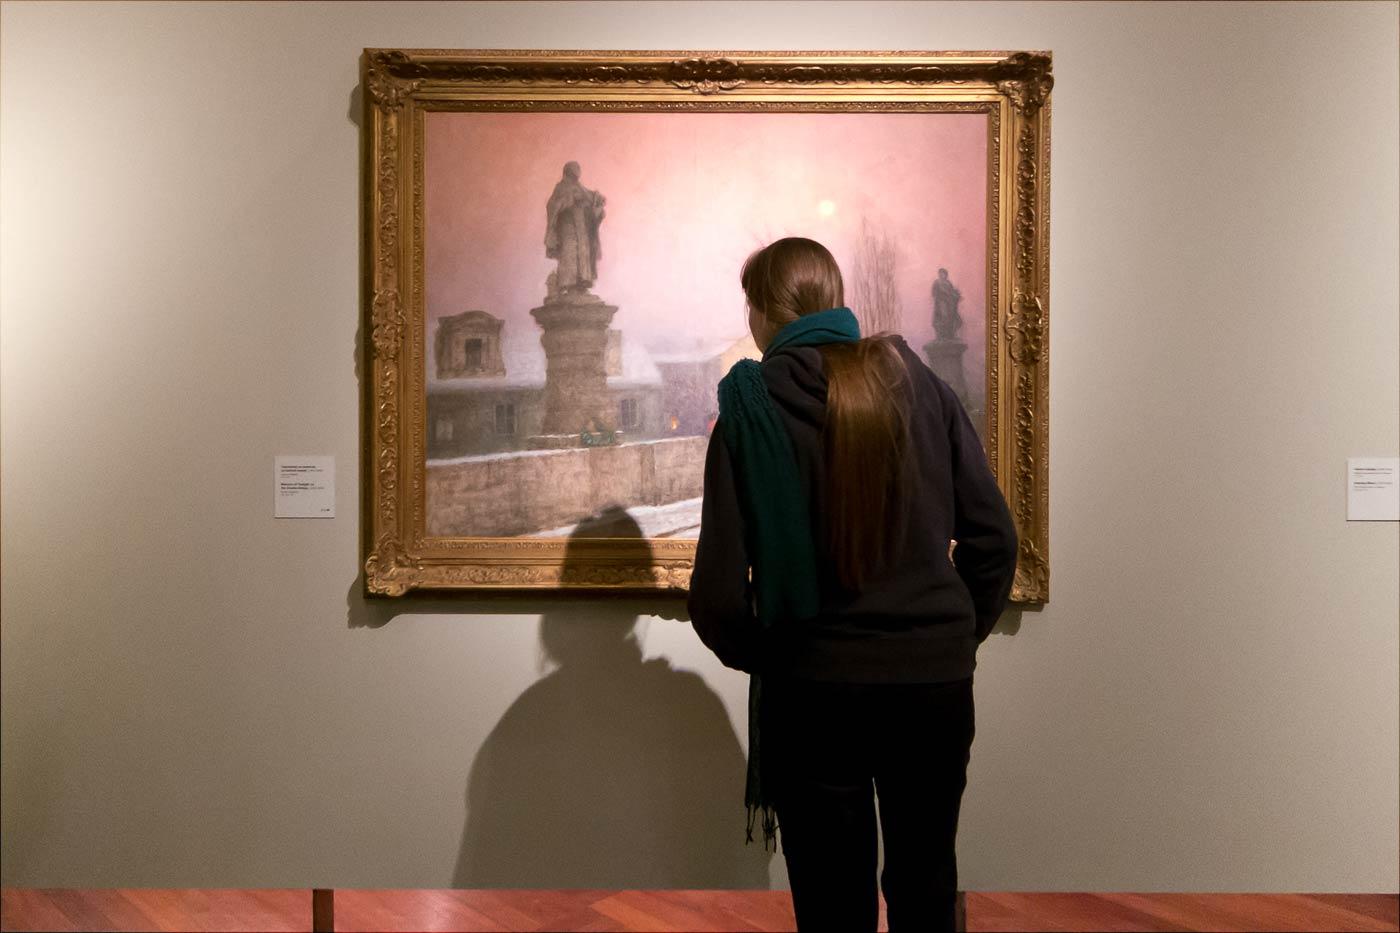 Выставка картин Якуба Шиканедера в Праге